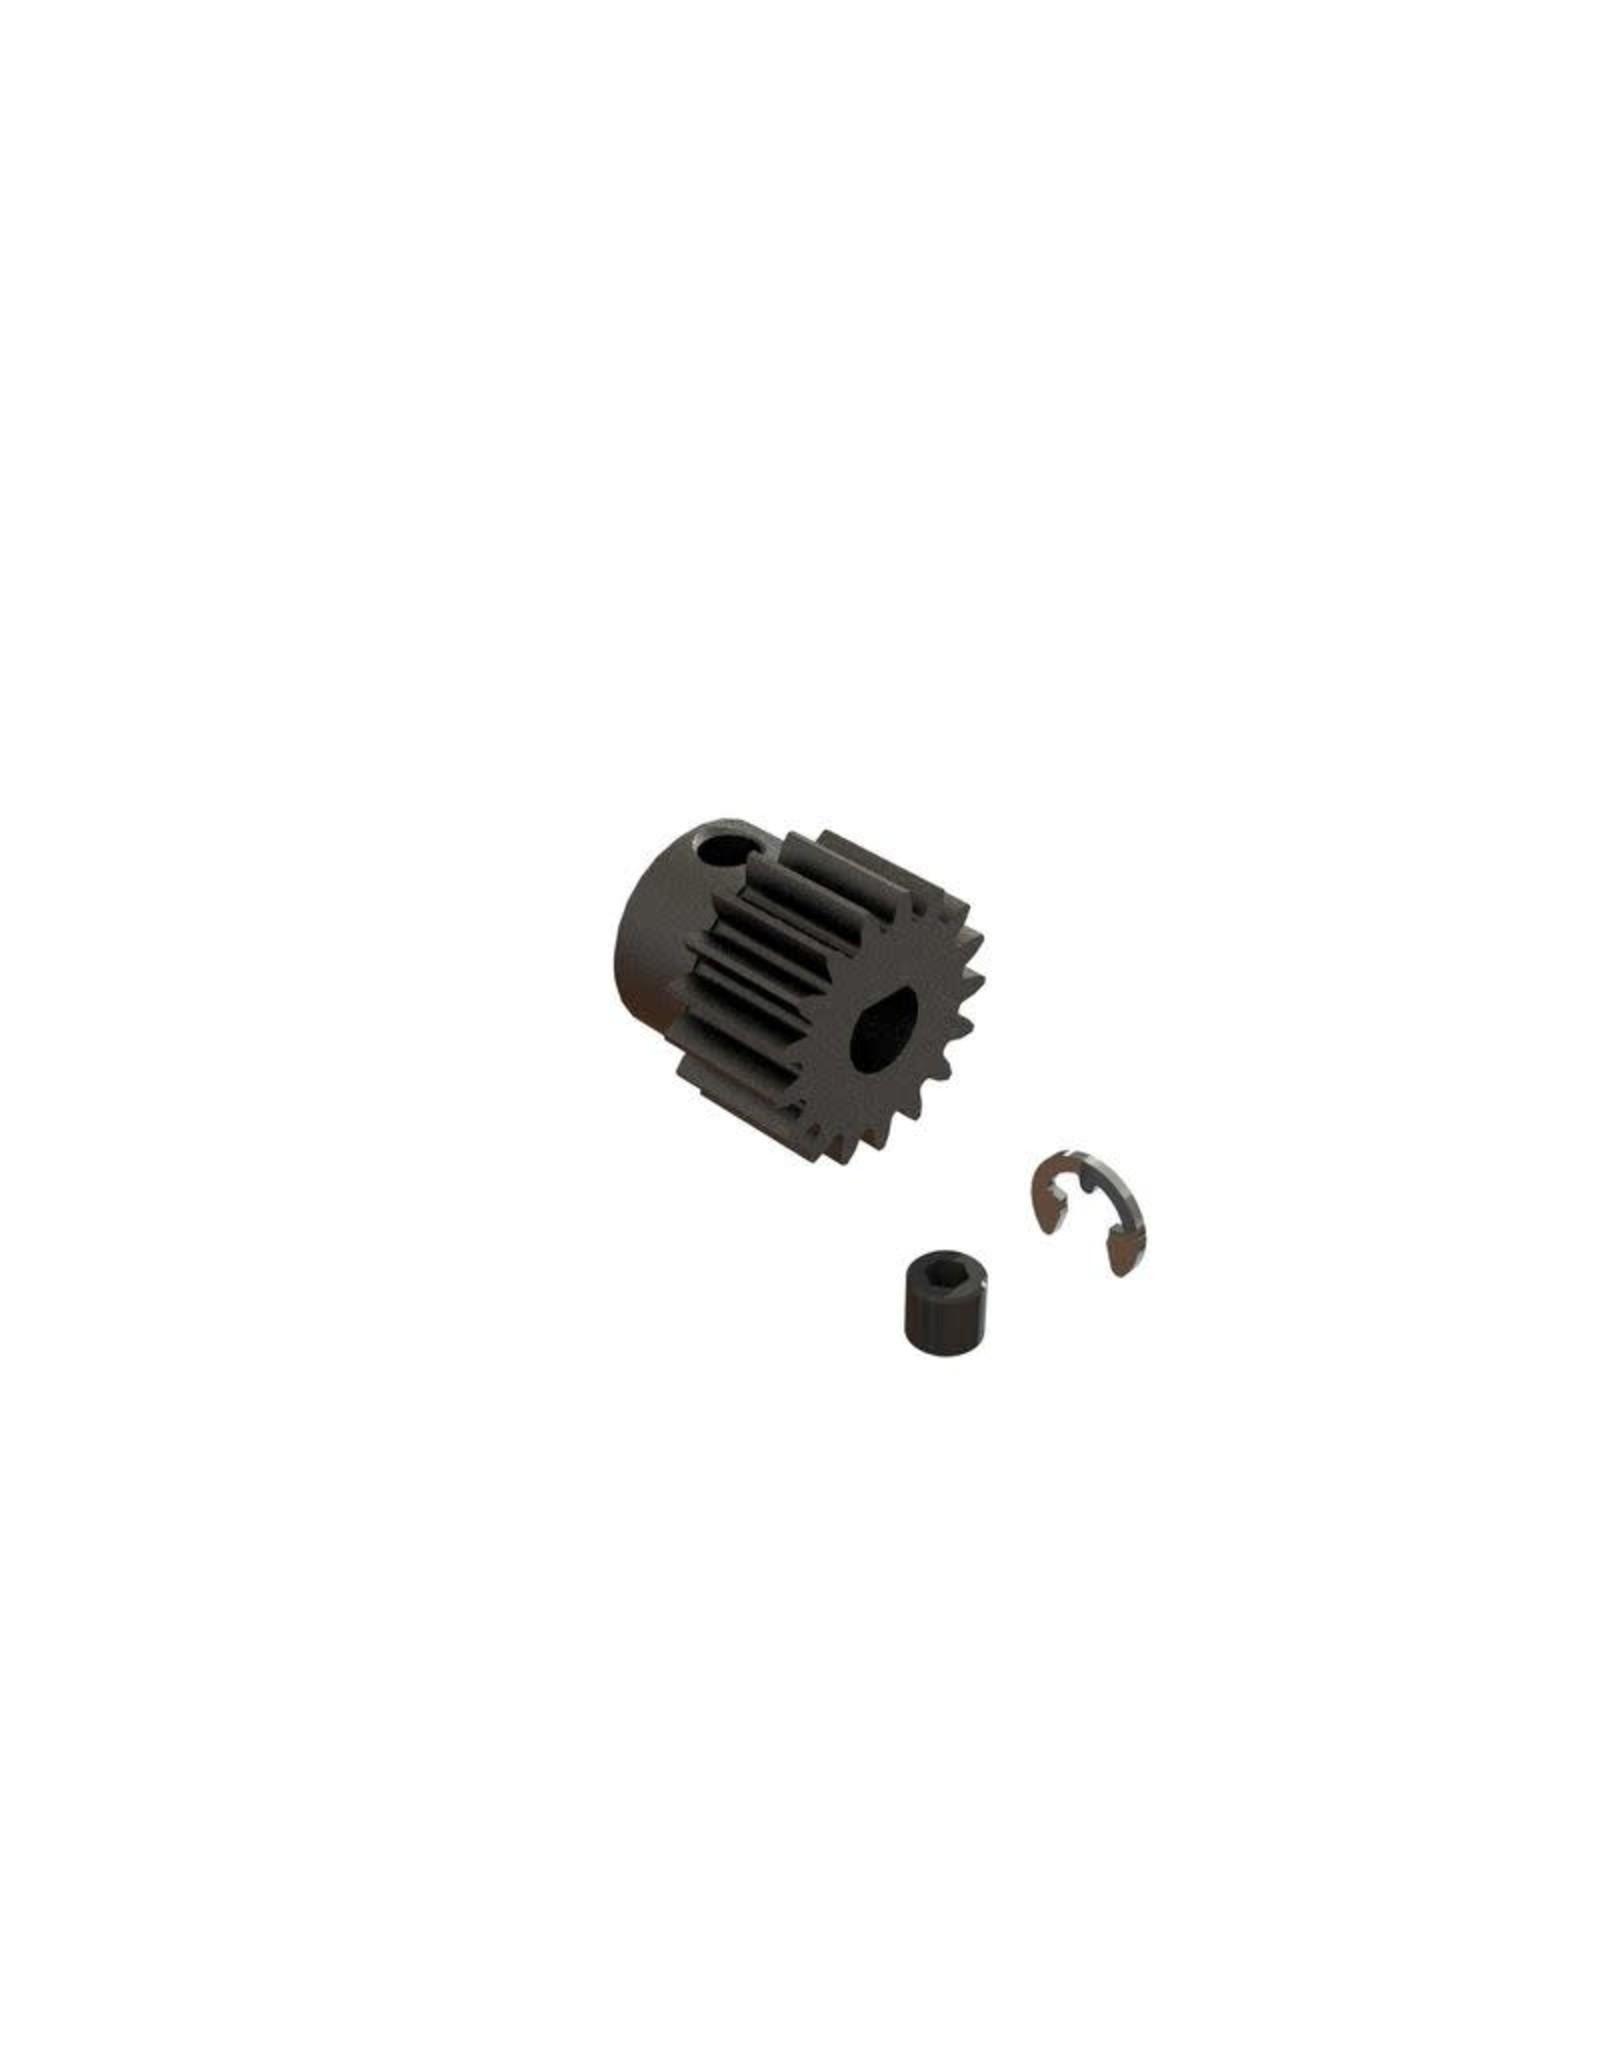 ARRMA 18T 0.8Mod Safe-D5 Pinion Gear